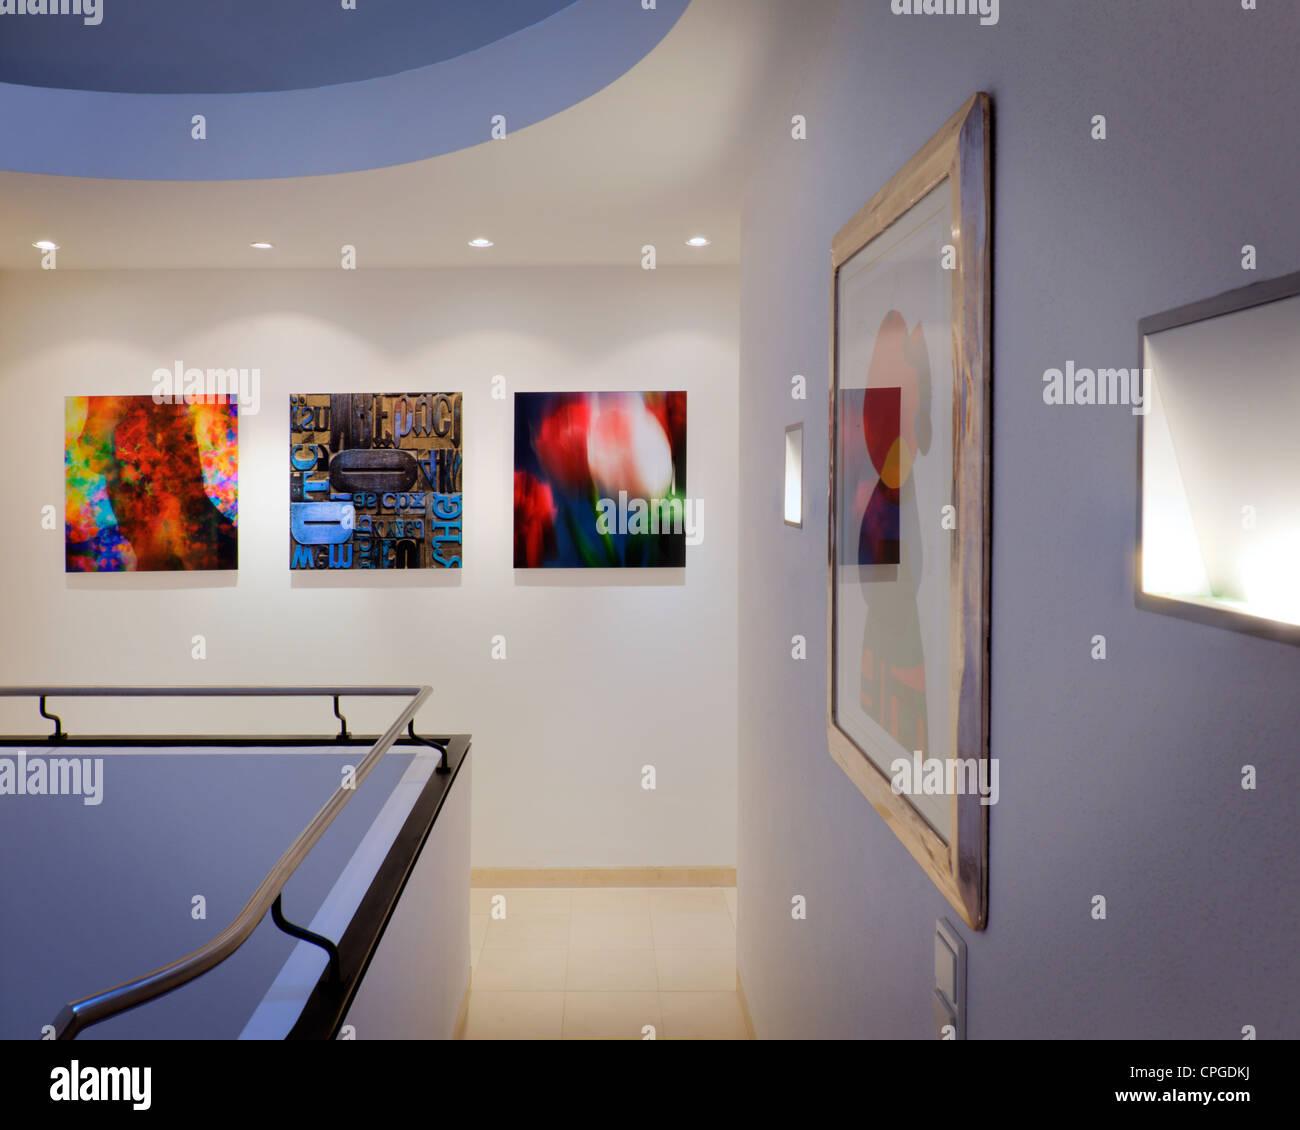 Arquitectura: visualización de galería contemporánea (Alemania/Bad Toelz) Imagen De Stock